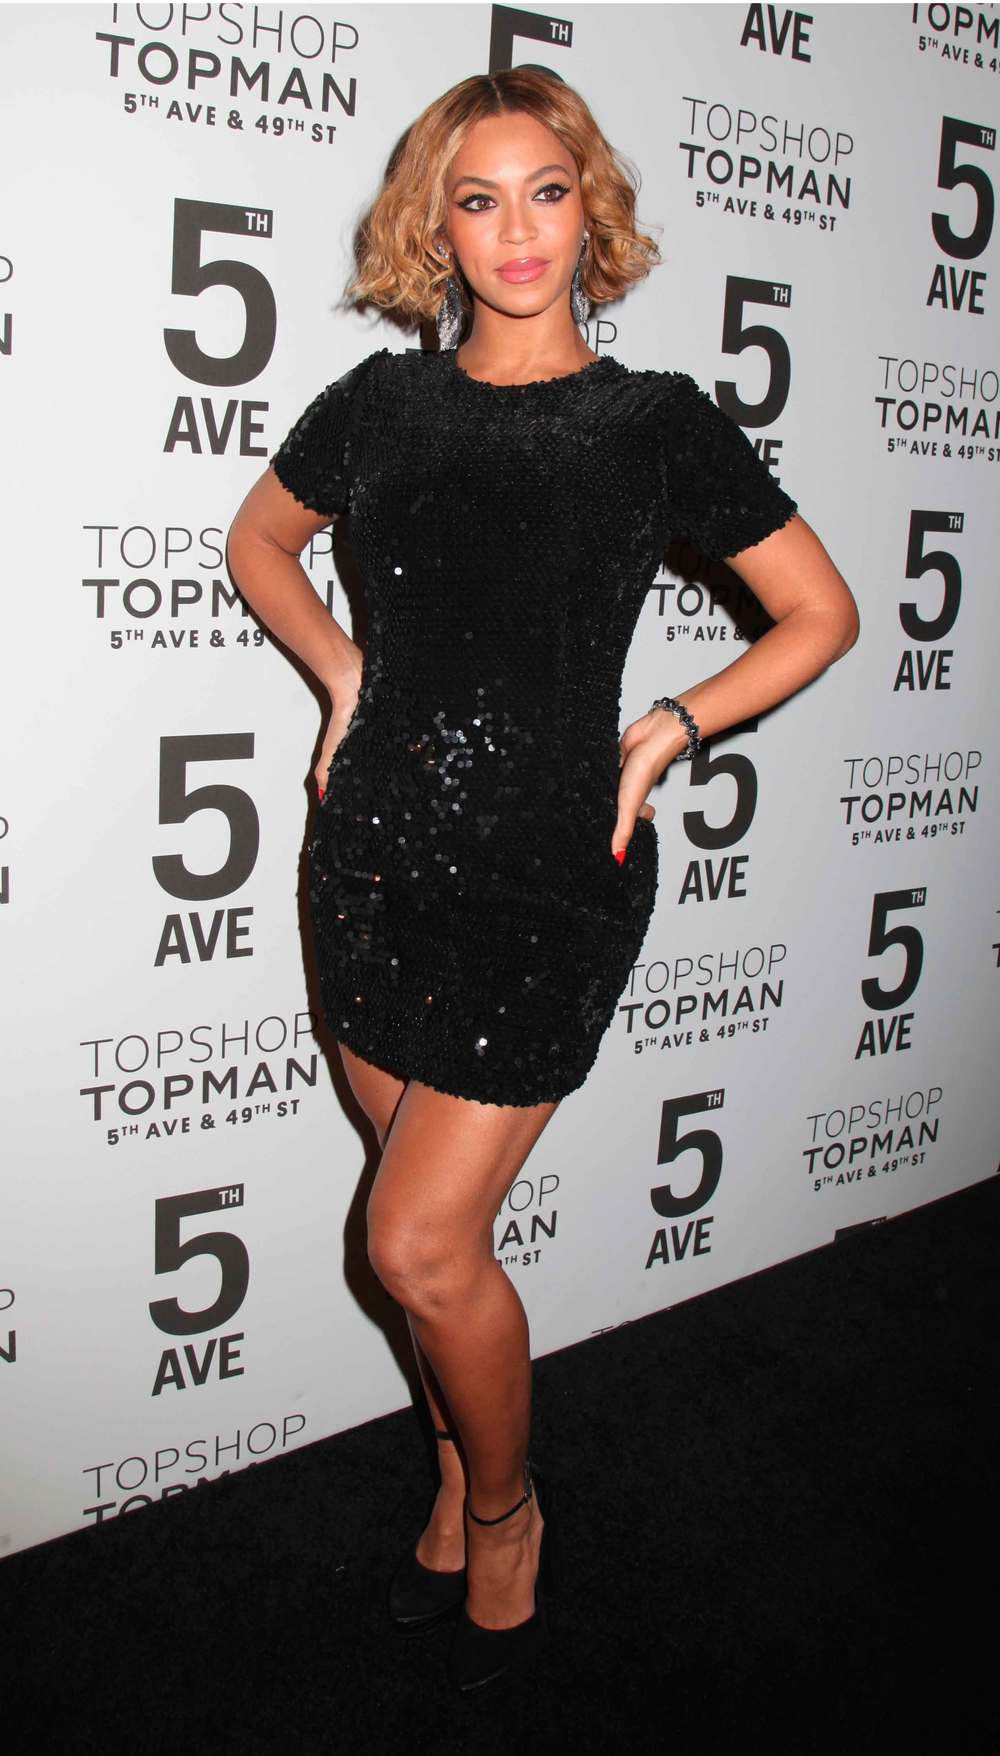 beyonce-wearing-topshop-topshop-flagship-store-opening,-new-york,-november-2014-rex.jpg